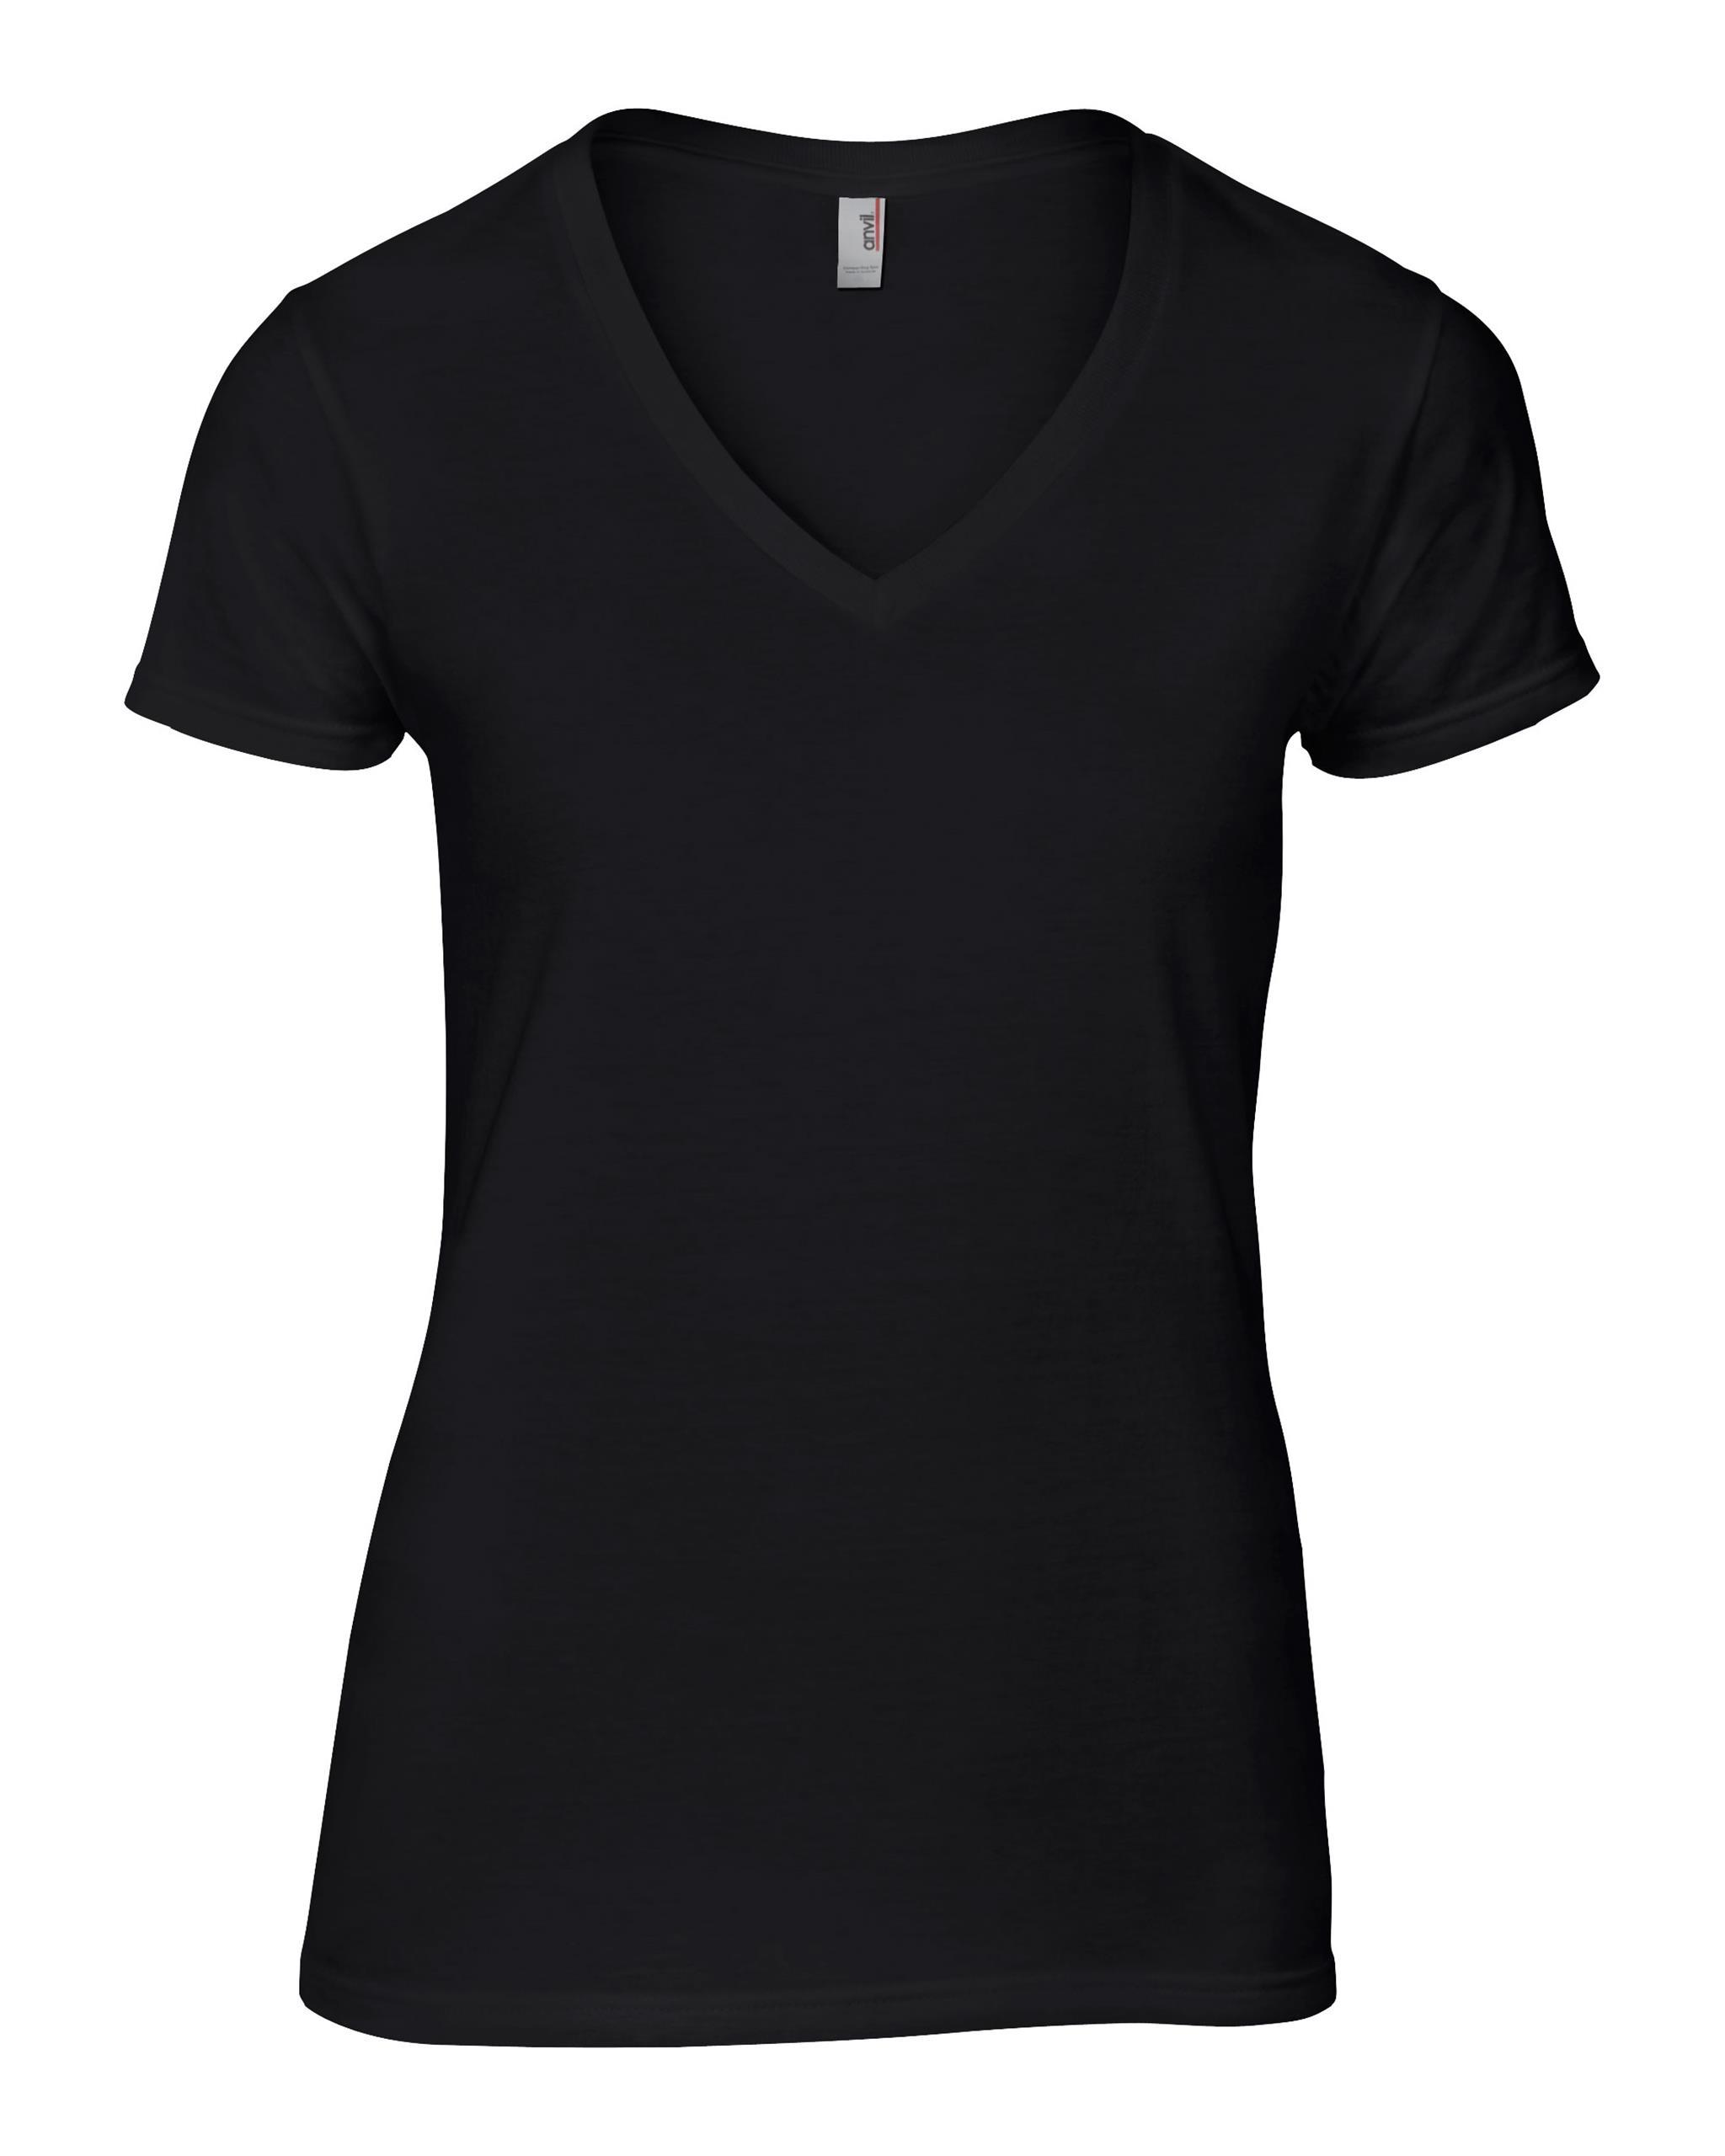 New Anvil Womens V Neck Tee Ladies Short Sleeved Basic T ...